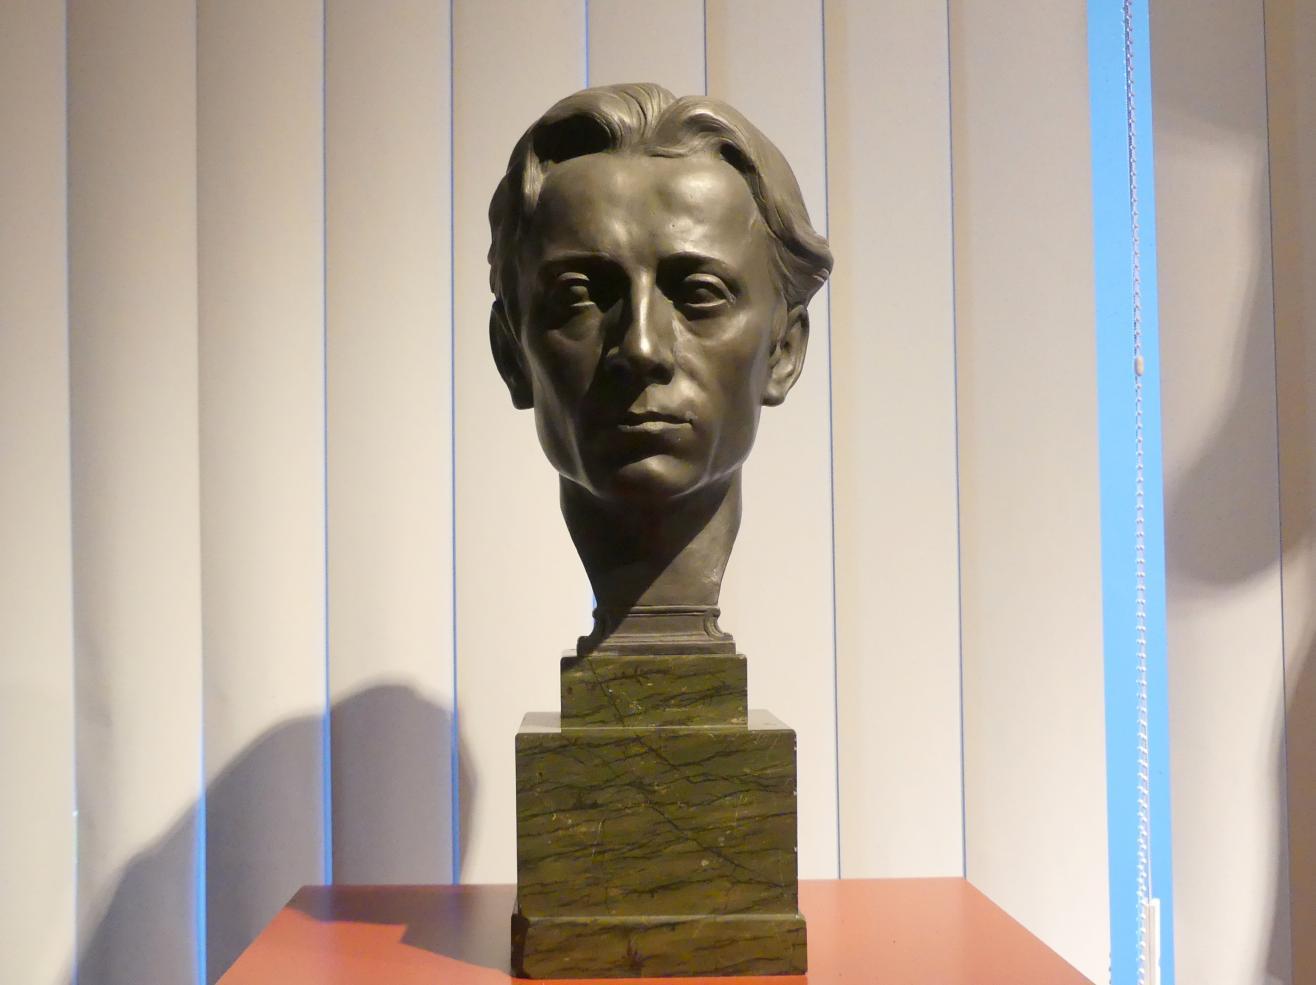 Theodor von Gosen: Porträt des Hermann Mayer (1891-1917), Organist, 1914